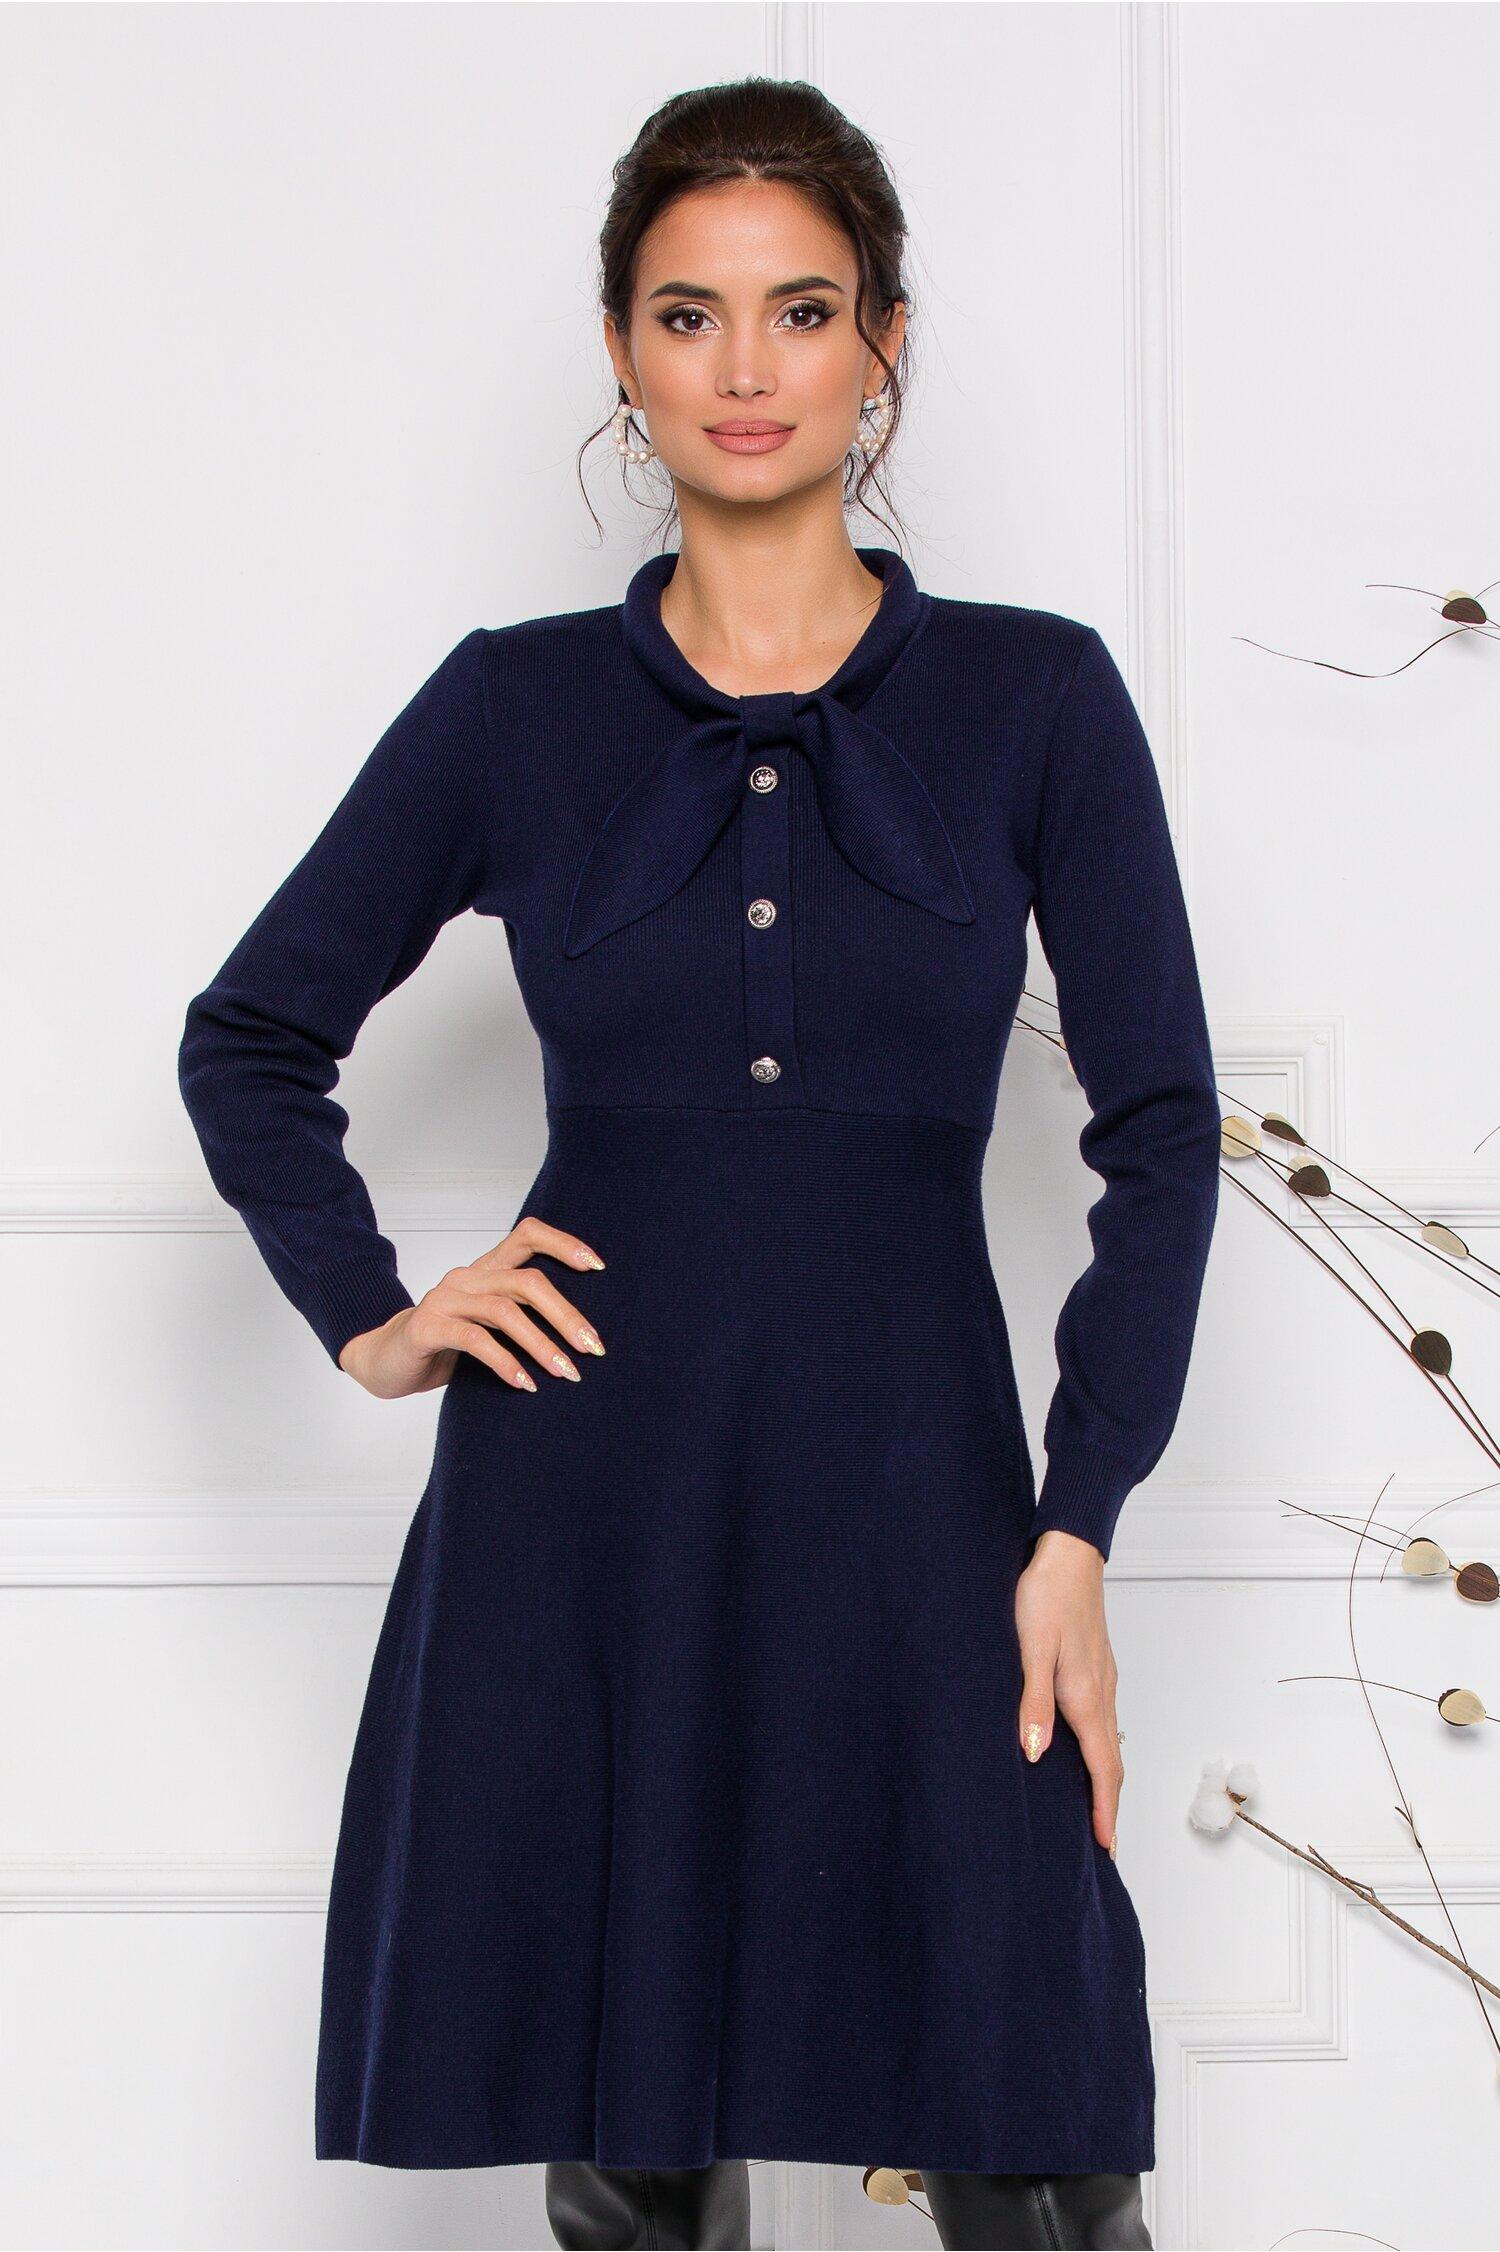 Rochie Mirabela bleumarin din tricot cu funda la guler imagine